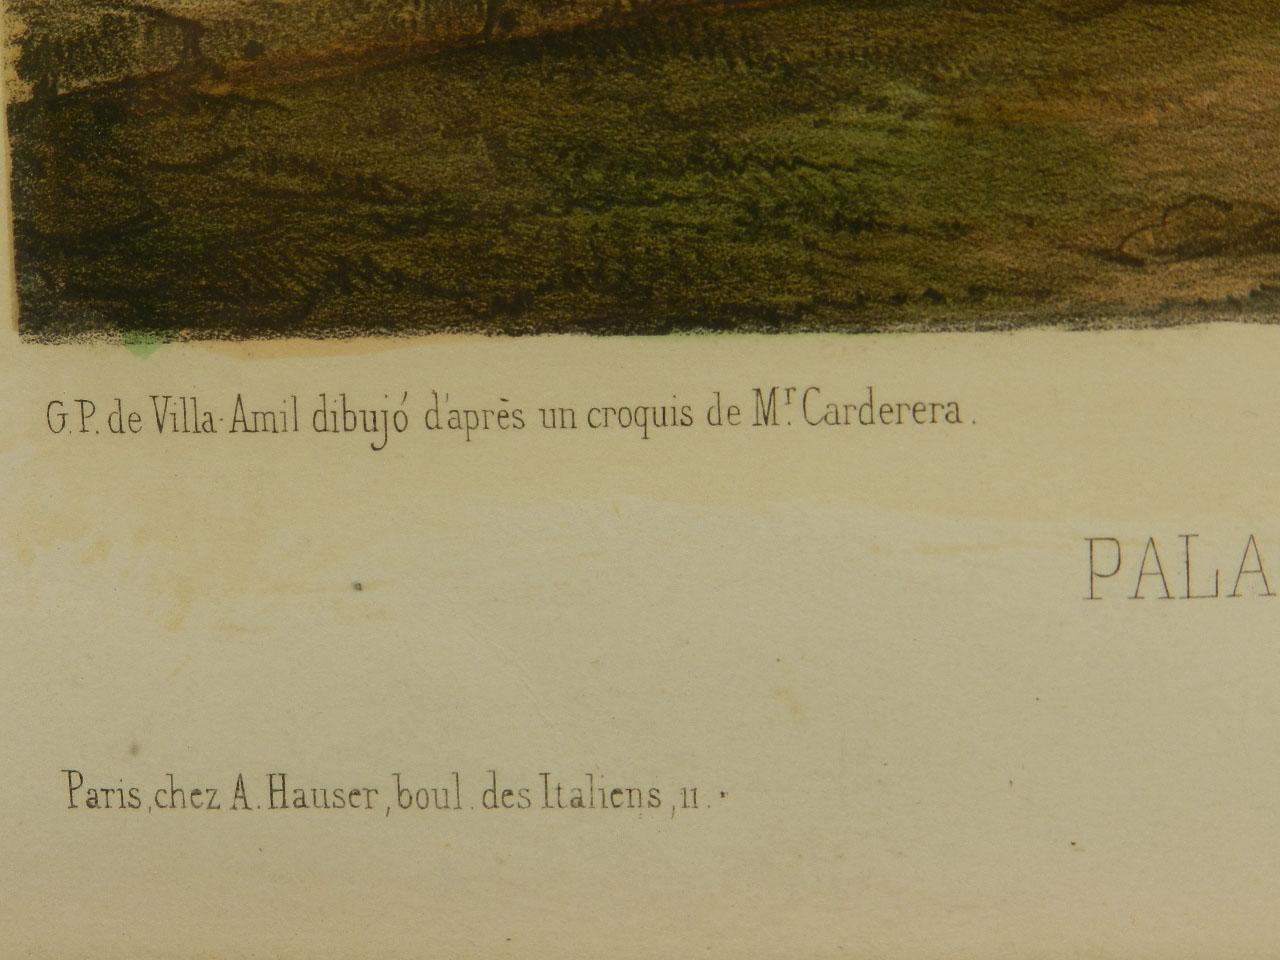 Imagen LITOGRAFÍA PALACIO MONTERREY 1842 24965